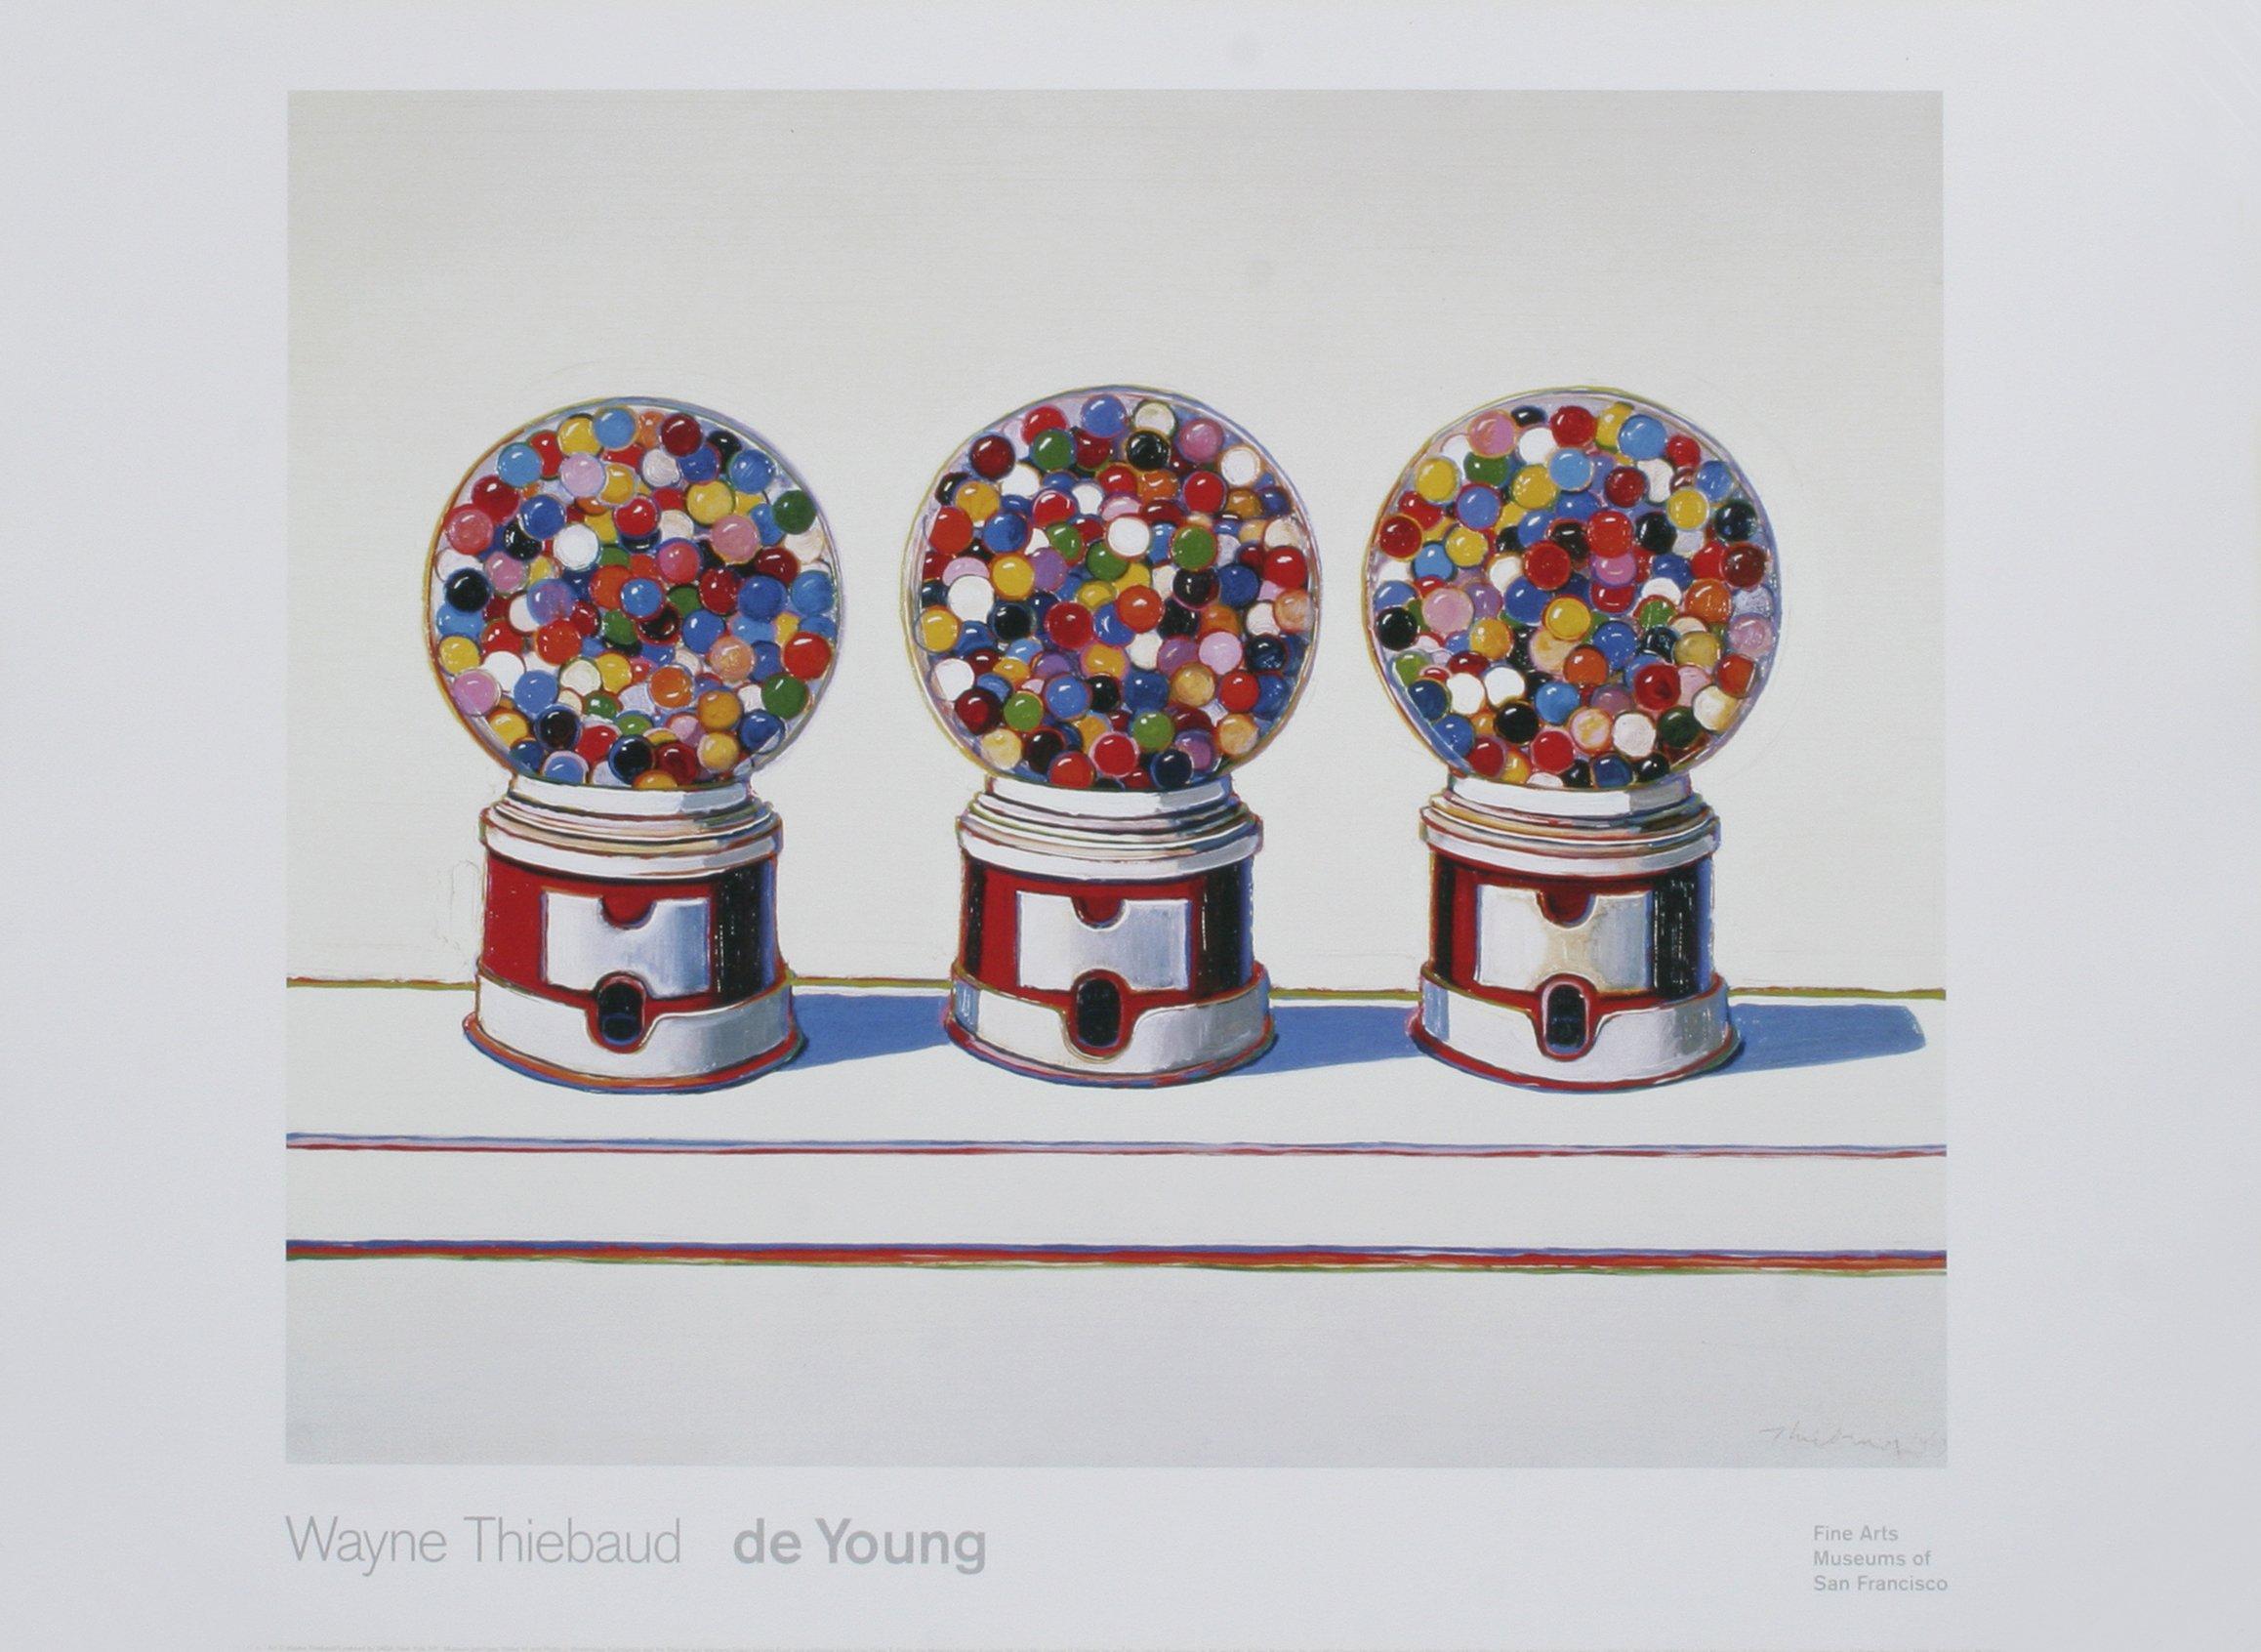 Wayne Thiebaud Three Machines